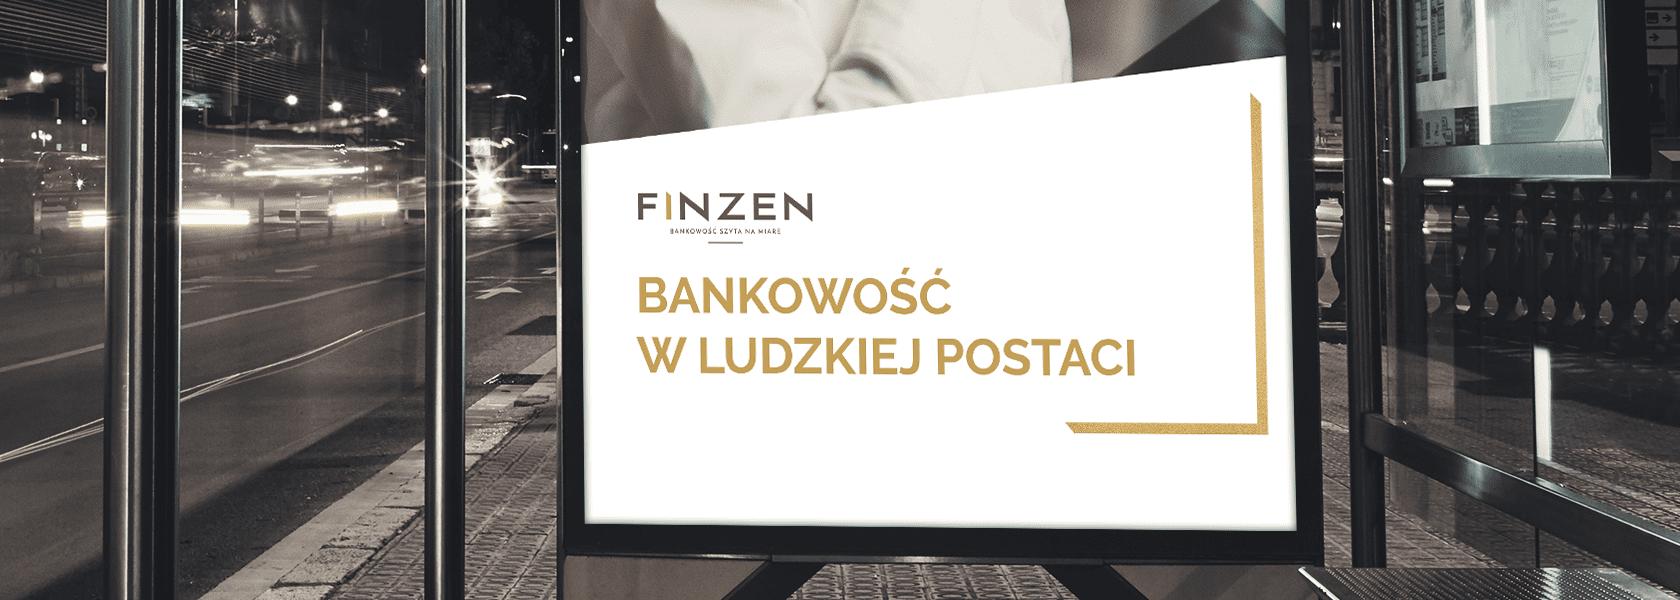 Nowy branding firmy z sektora bankowego Finzen